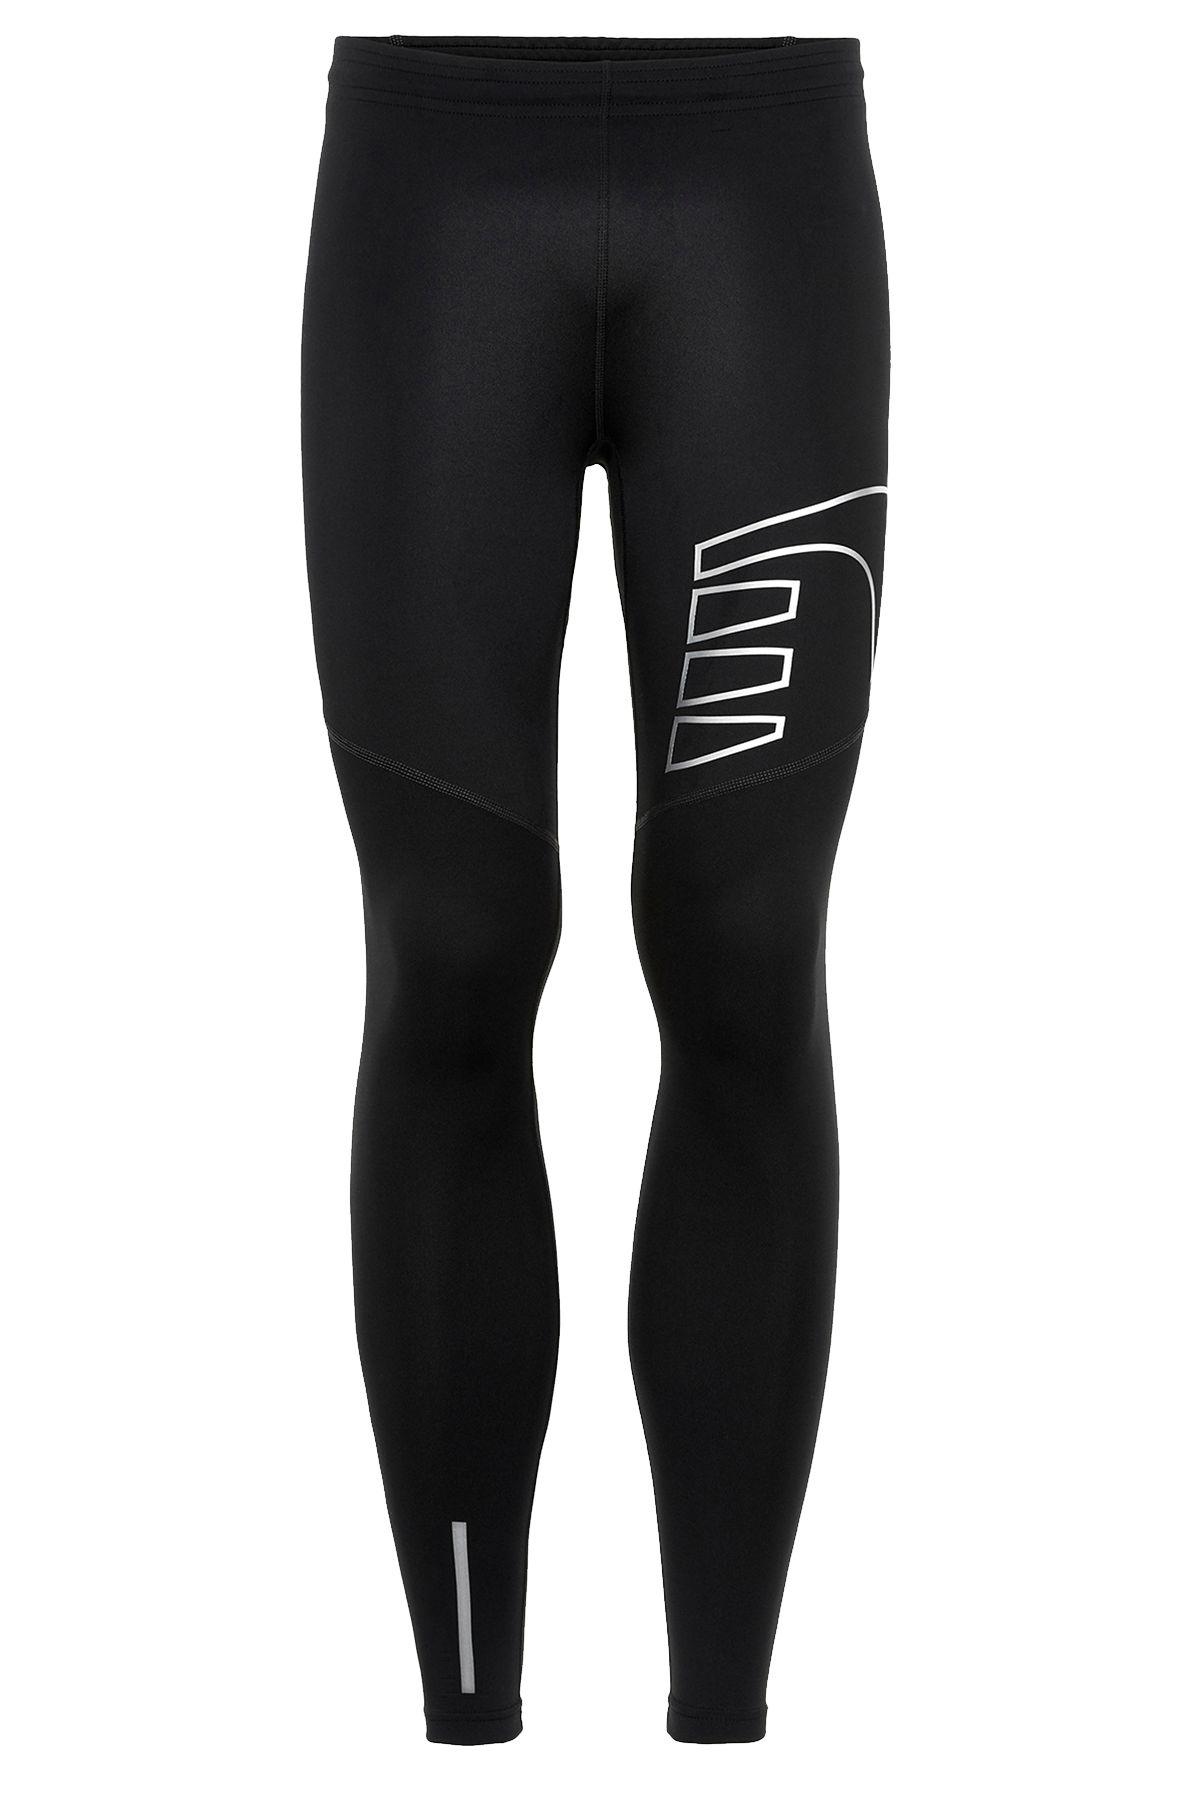 Newline W Core tights